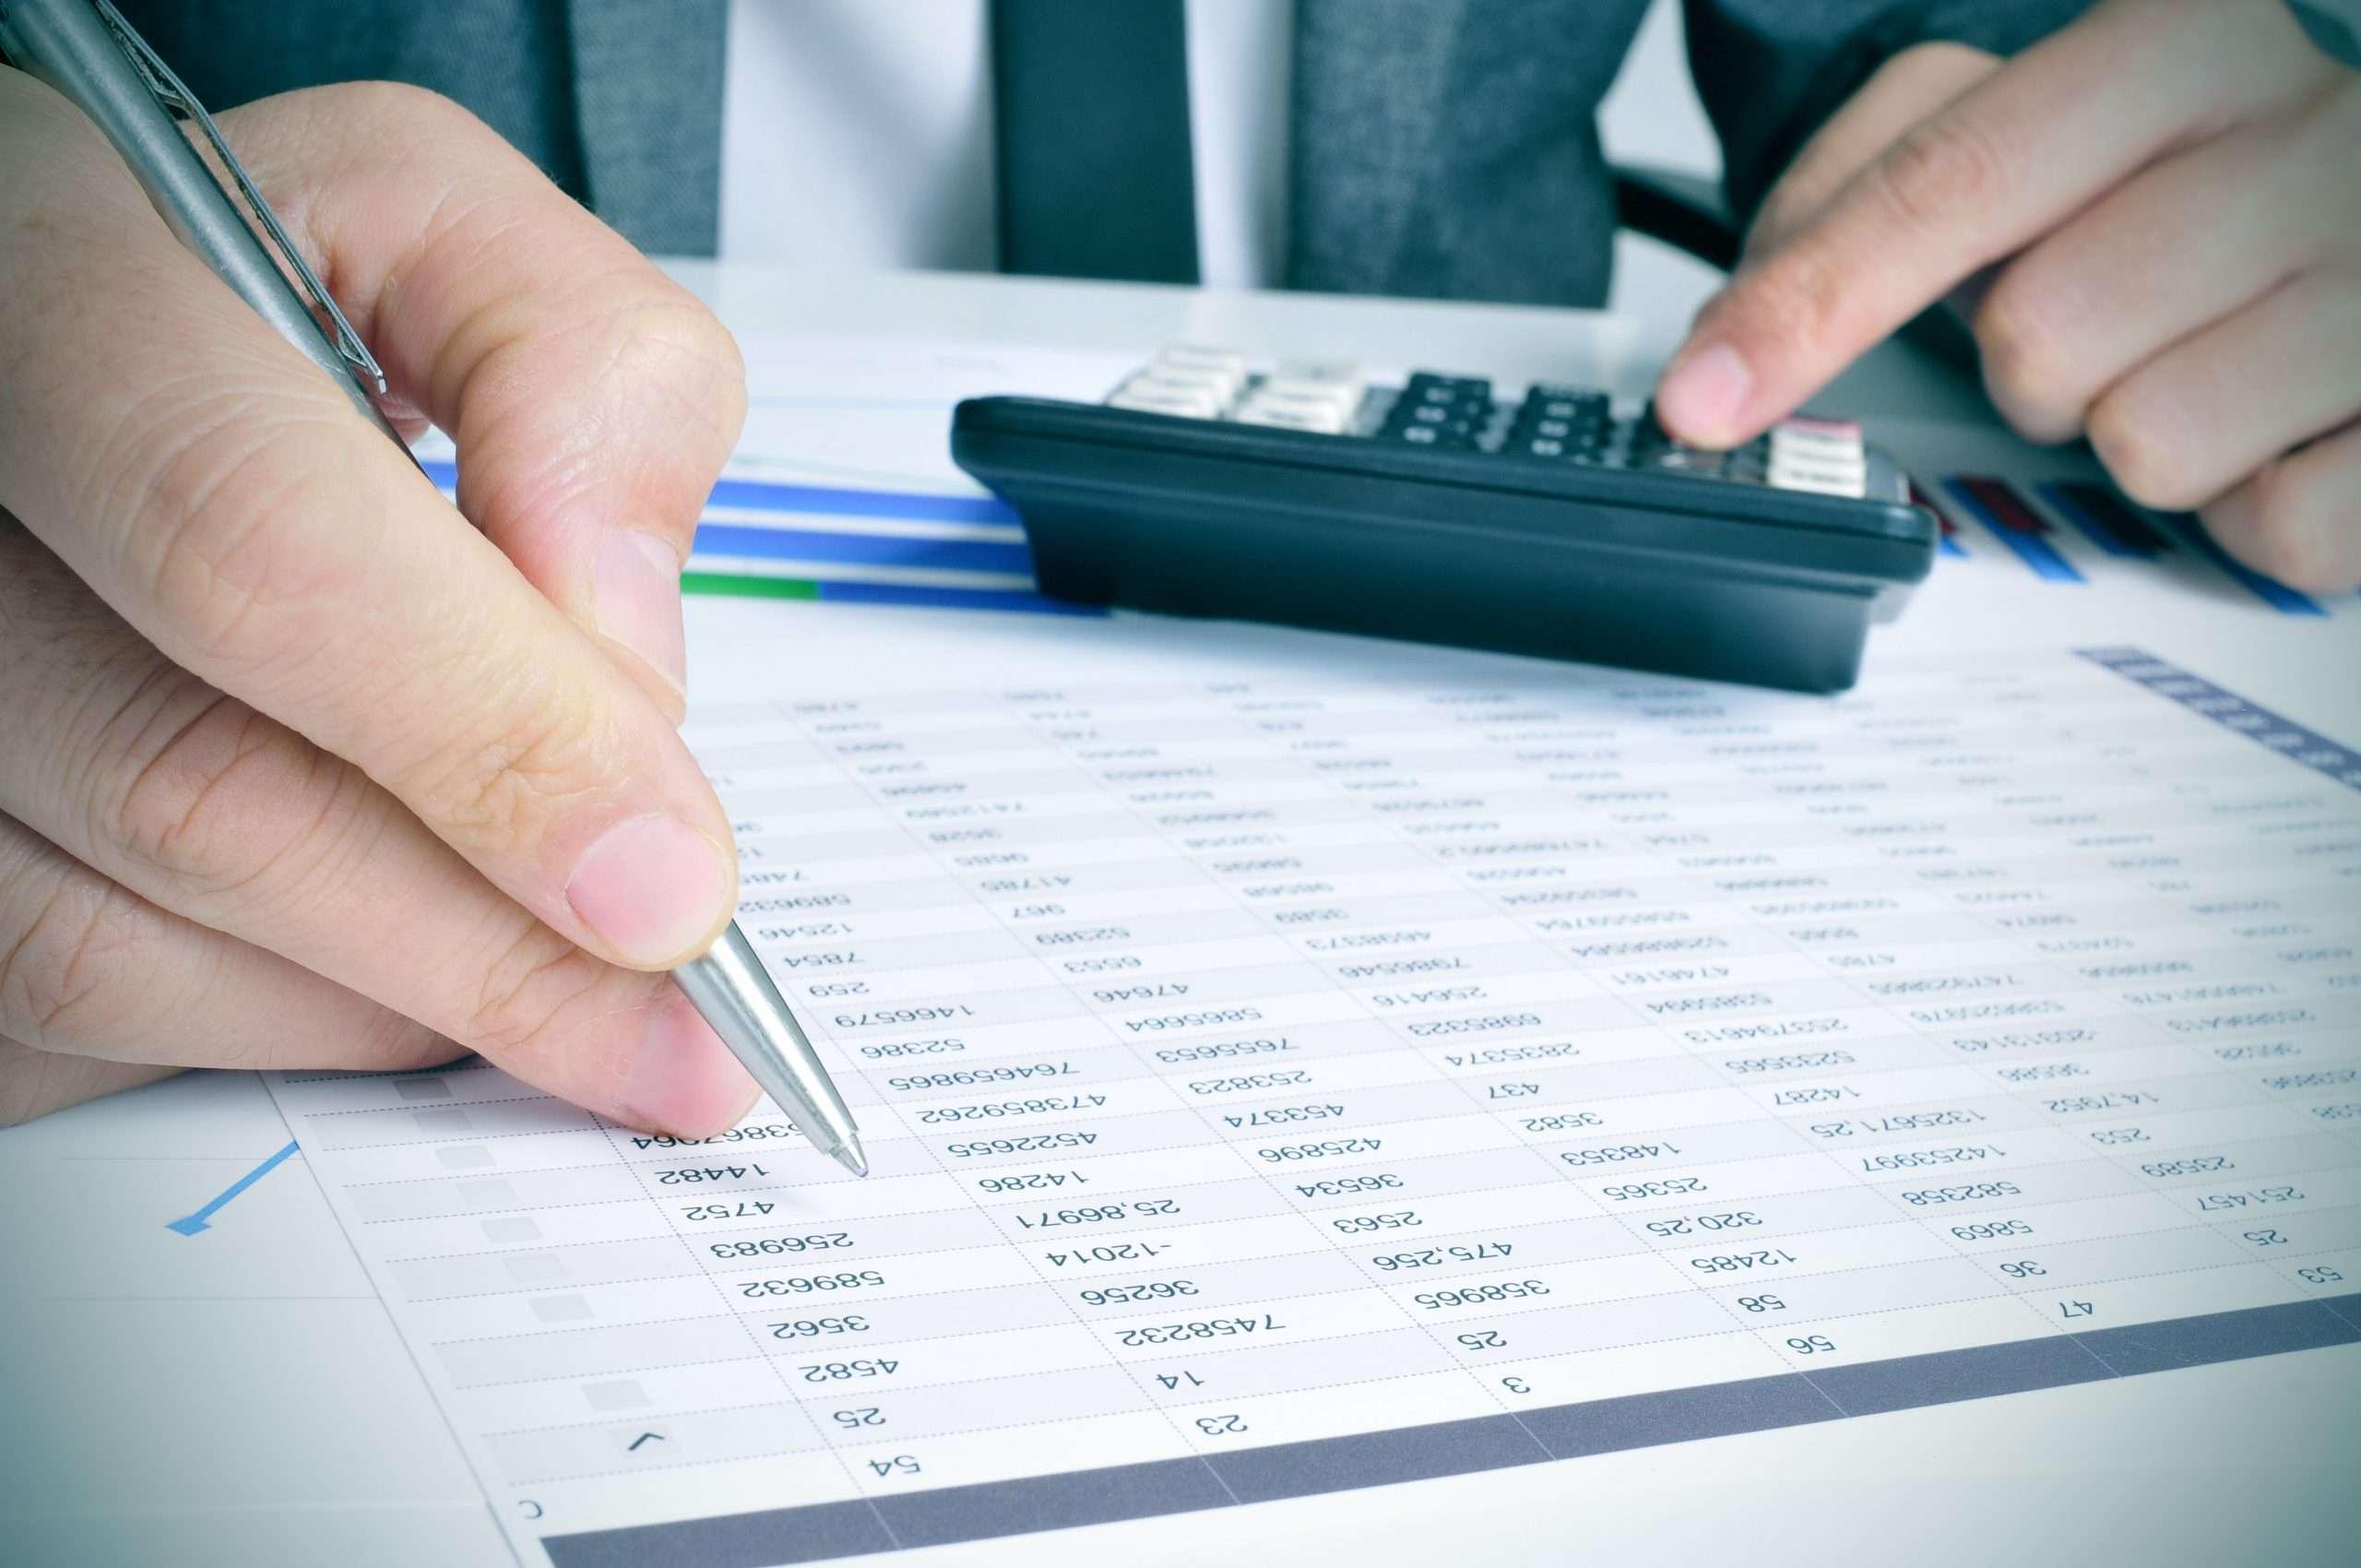 Công ty tài chính tính lãi như thế nào?